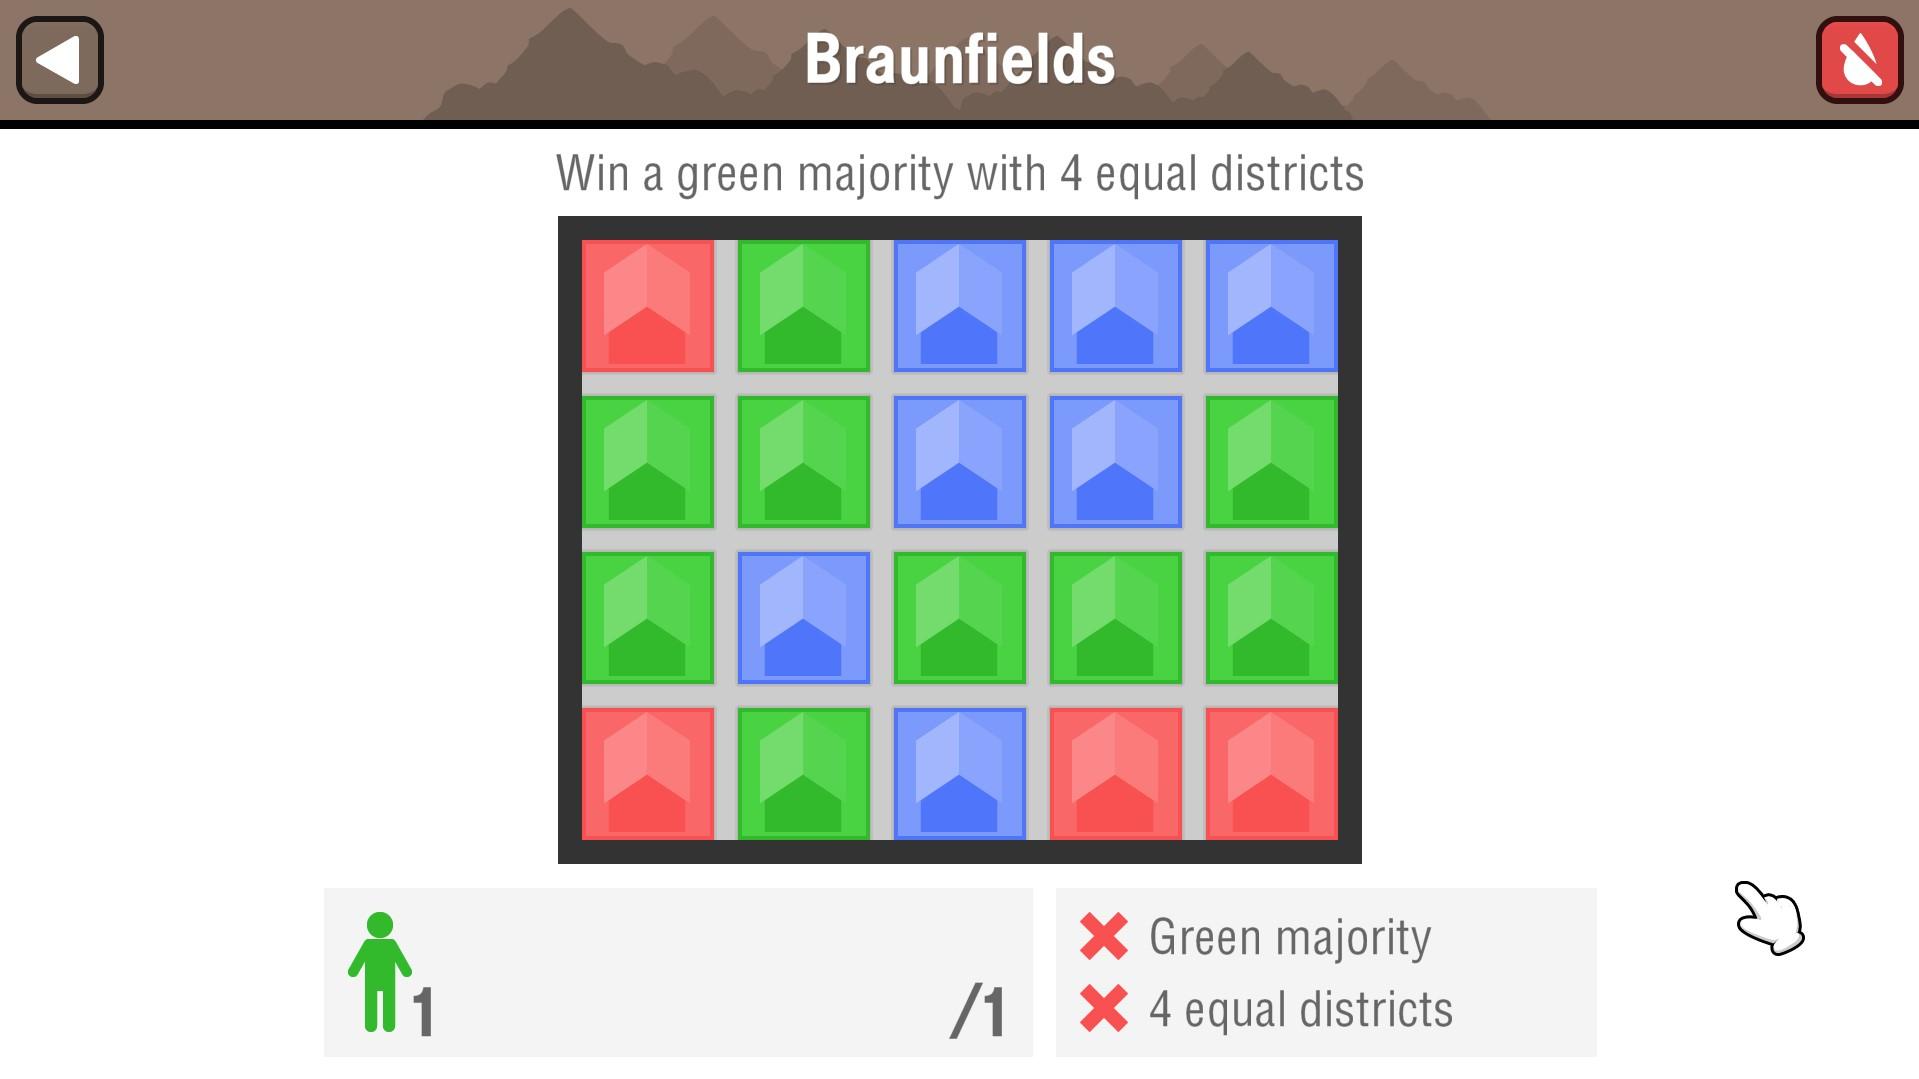 Braunfields